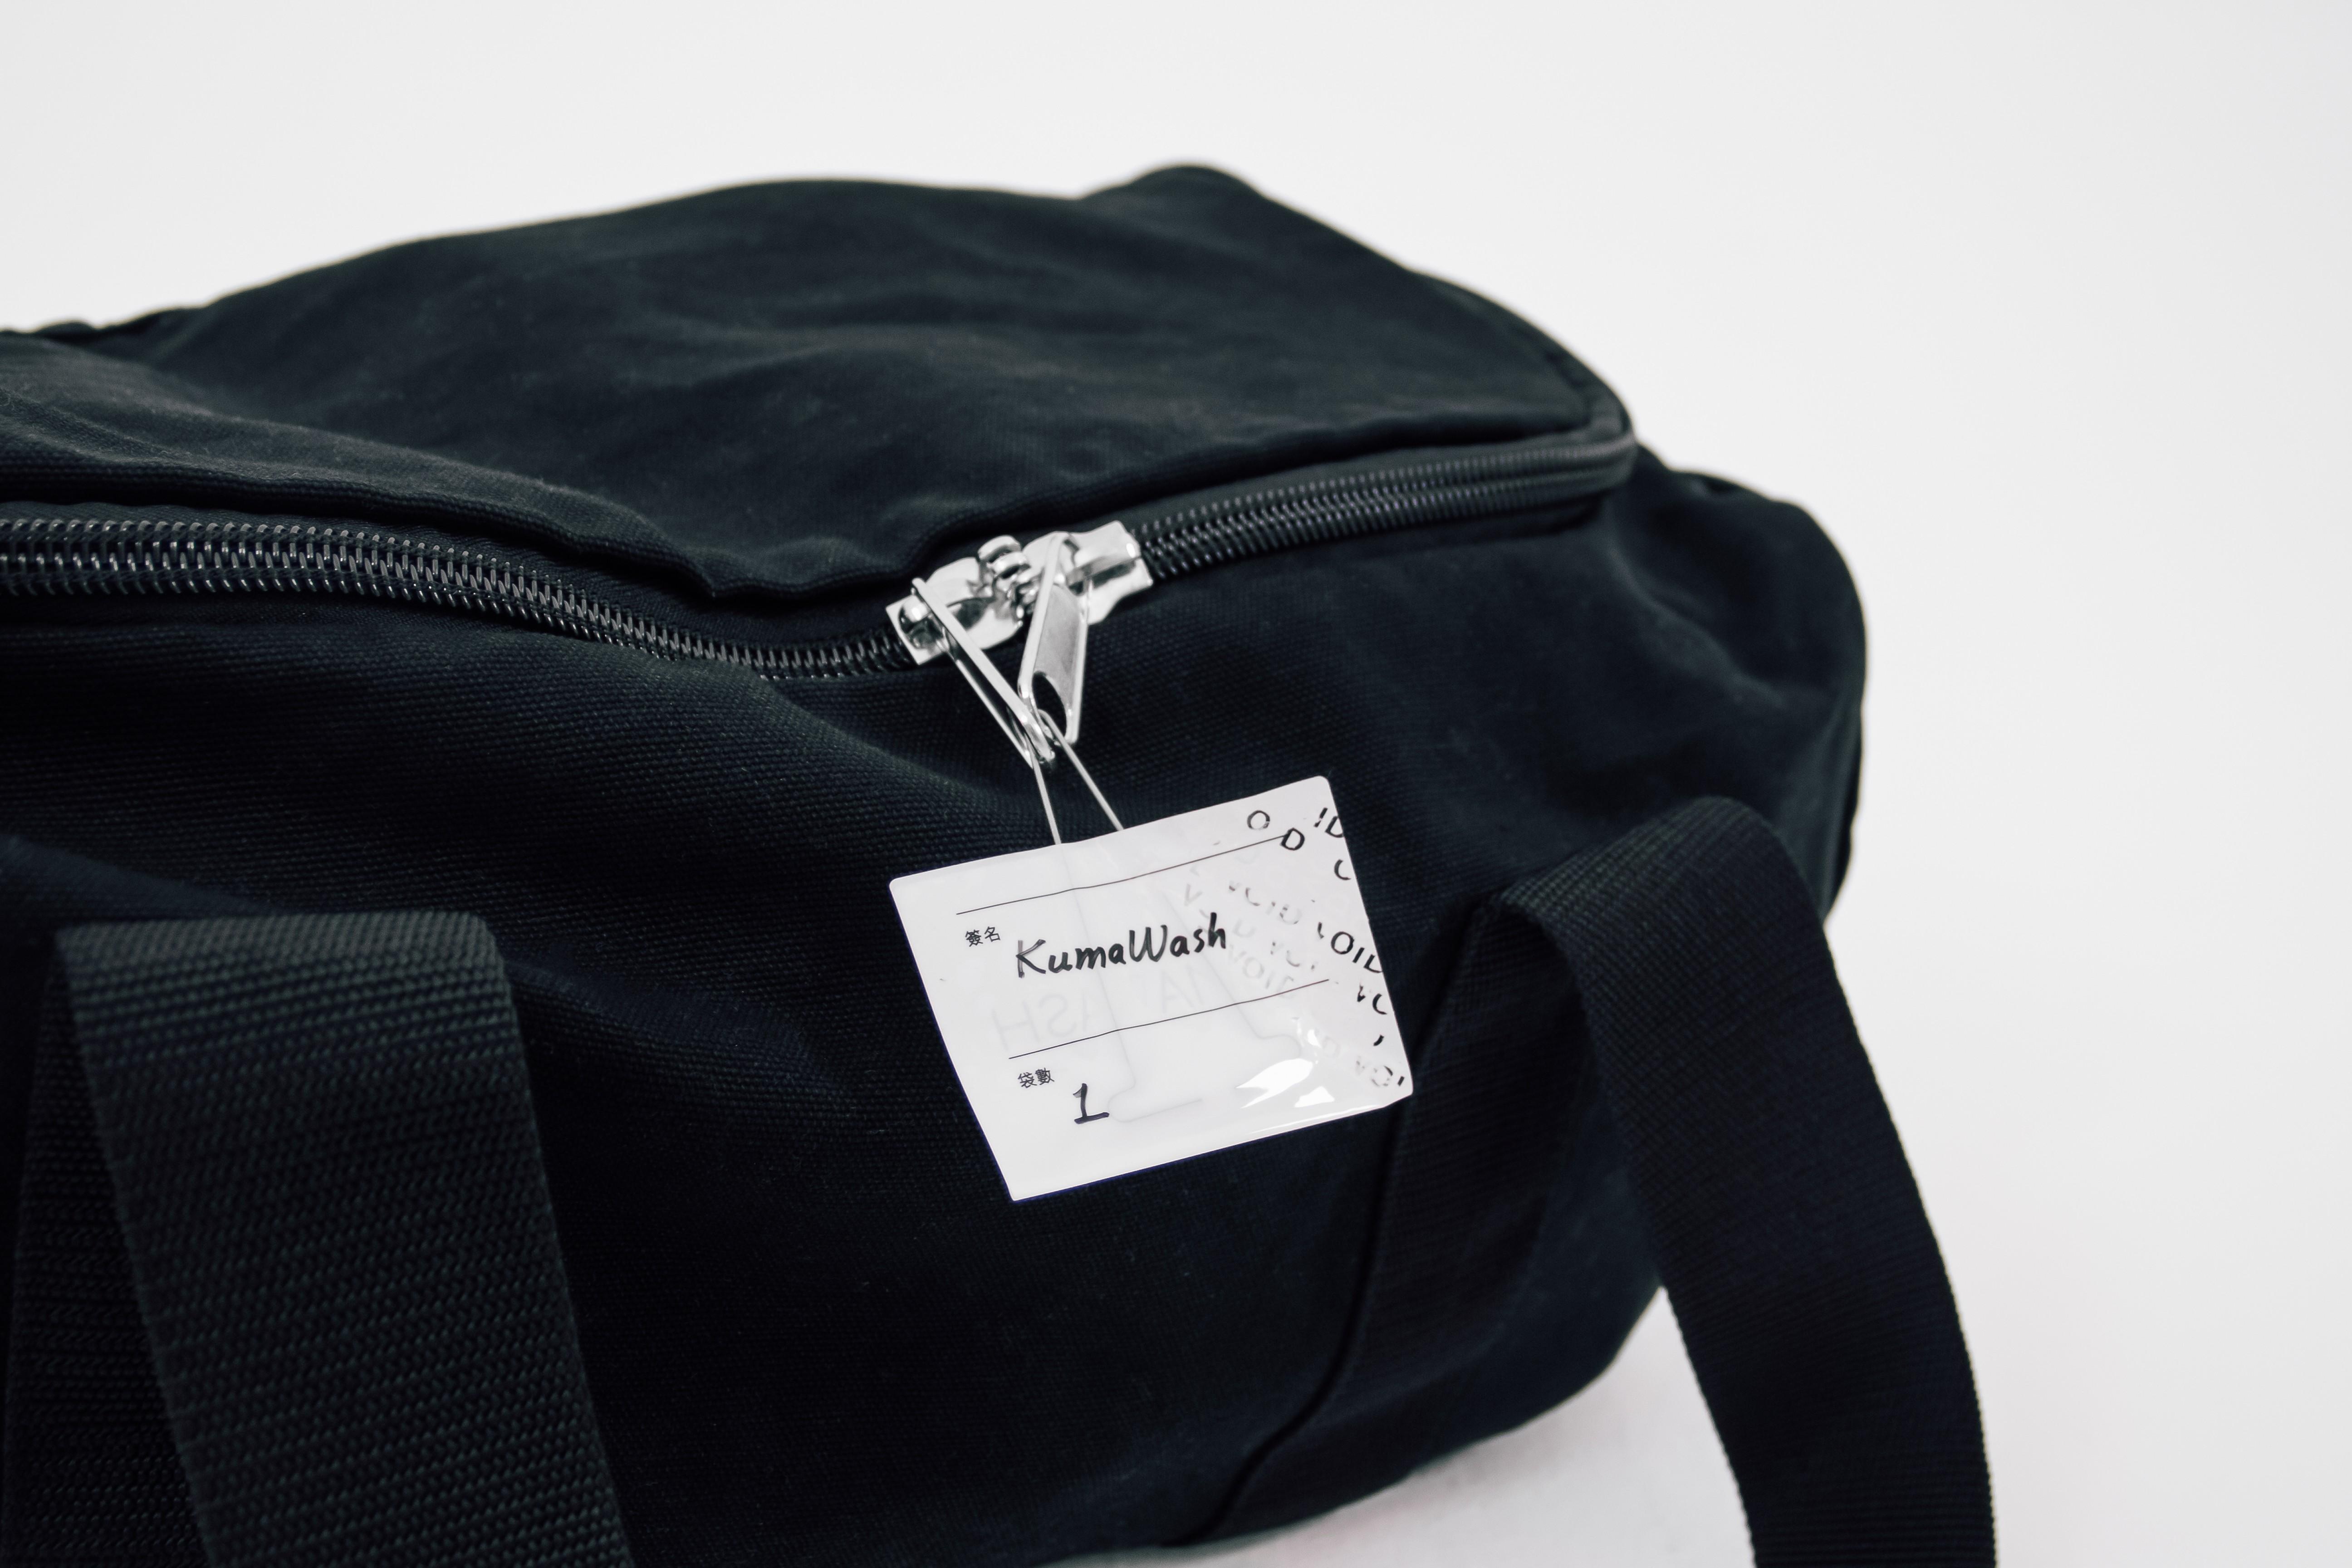 衣物離開客戶家時會貼上防拆貼紙,送至洗衣廠後則全程錄影(圖片來源:KumaWash)